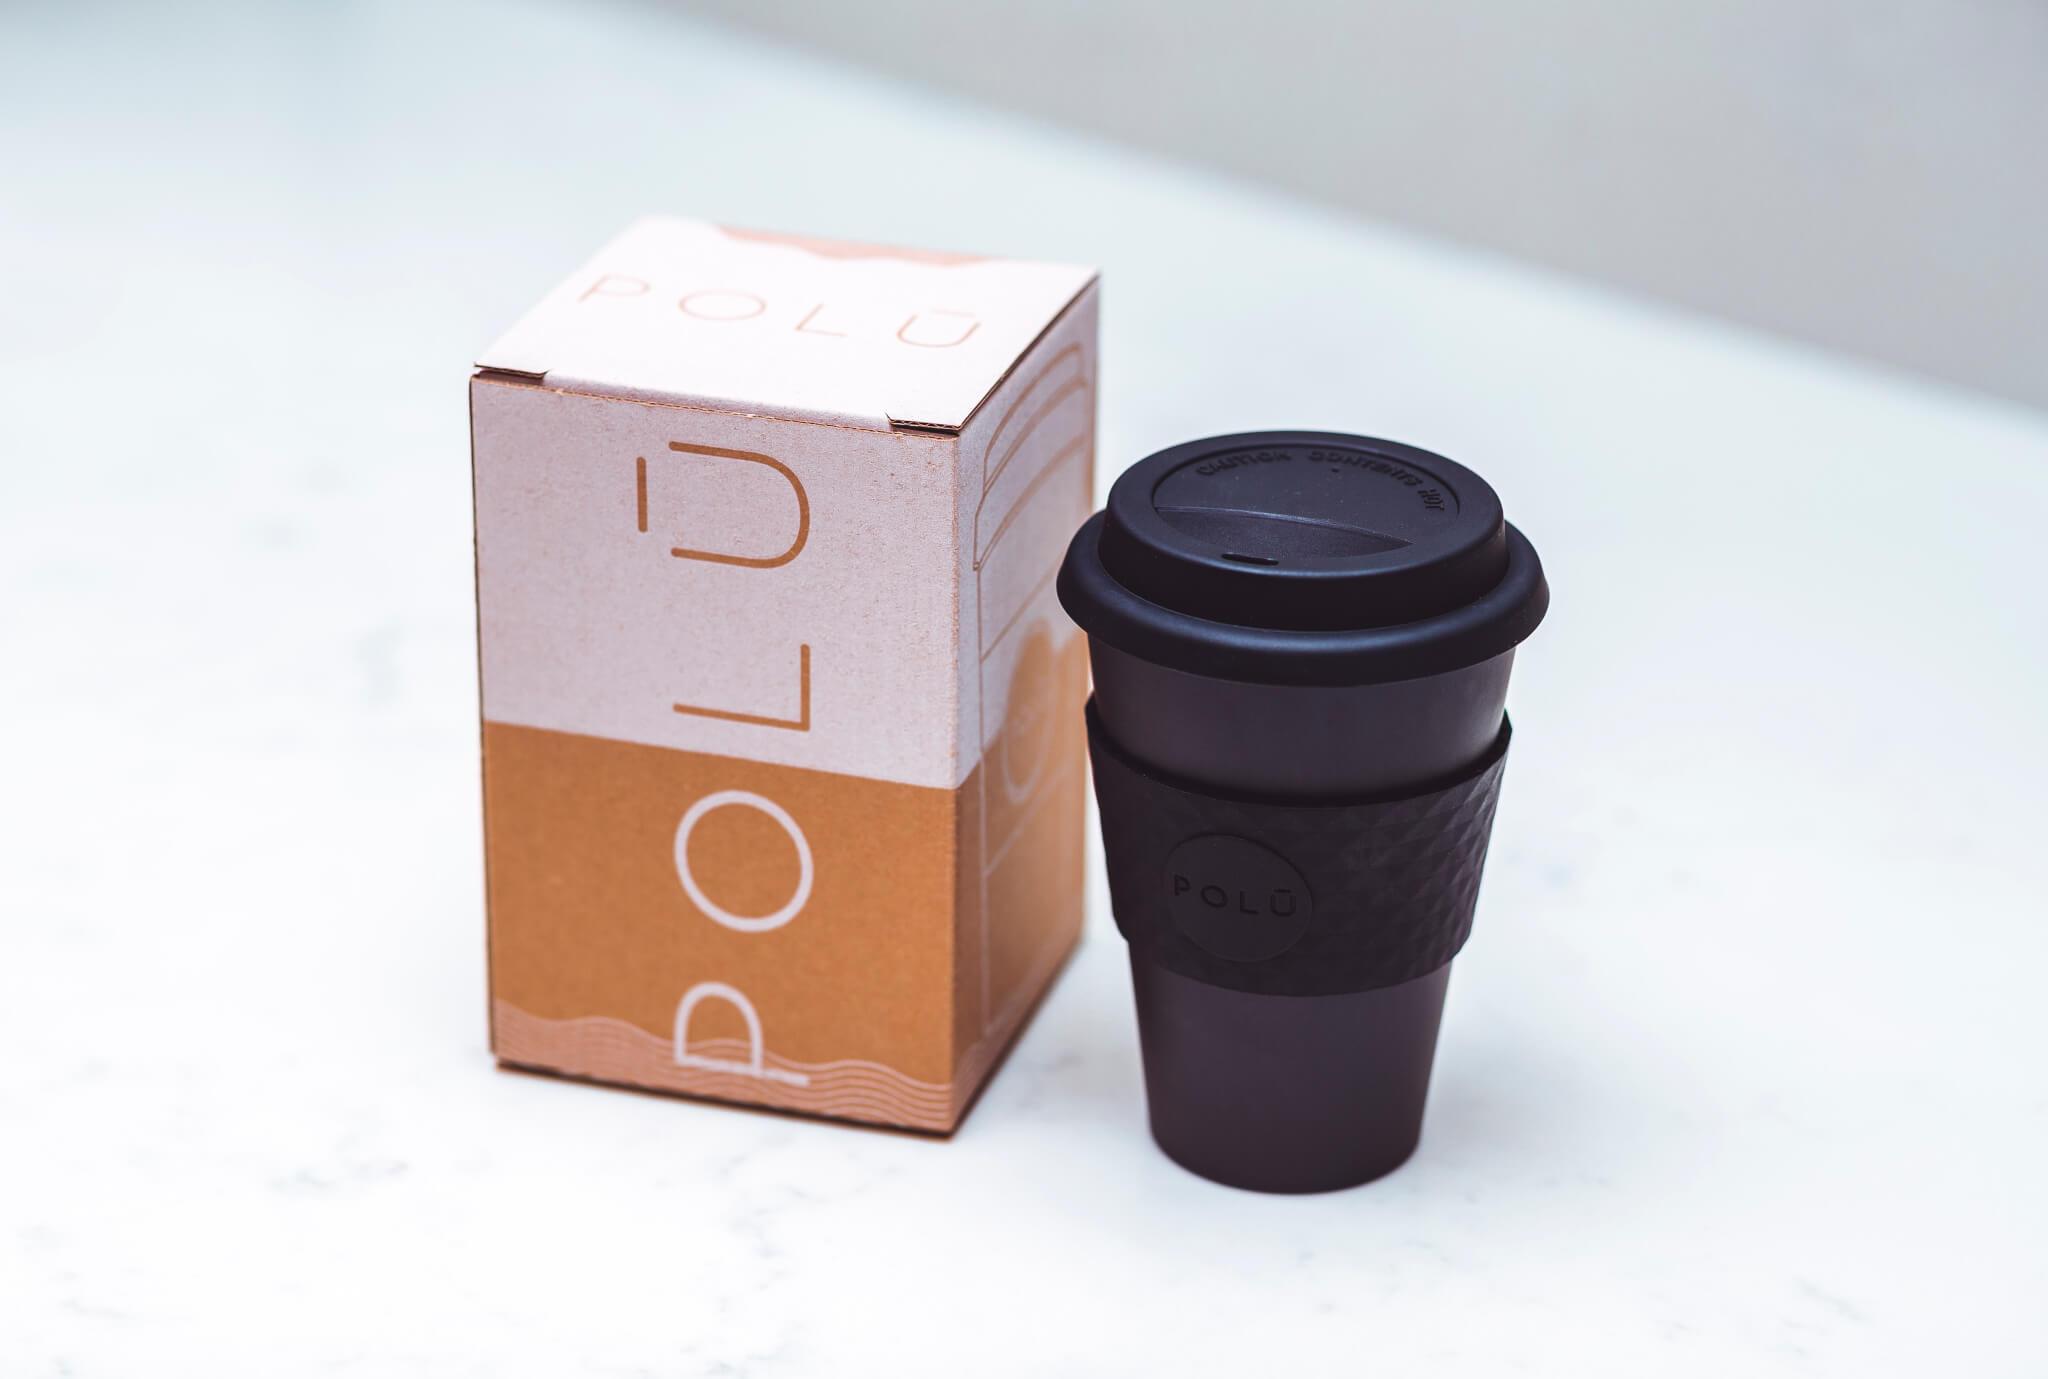 Krabice packhelp - kraft balení Polu Eco Products s šálkem